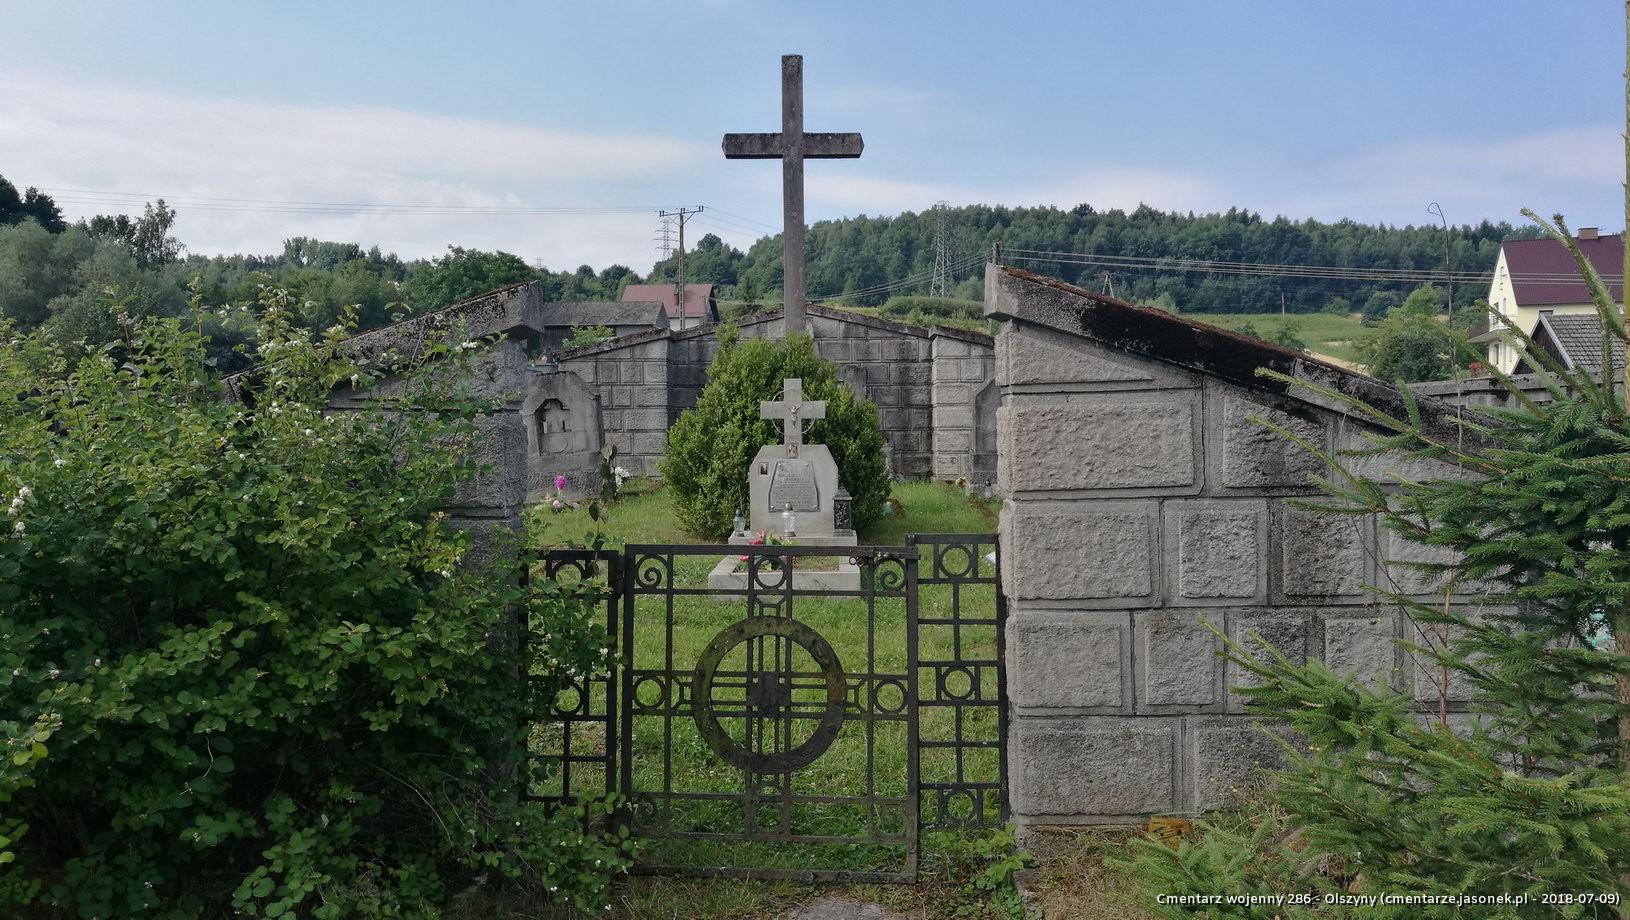 Cmentarz wojenny 286 - Olszyny